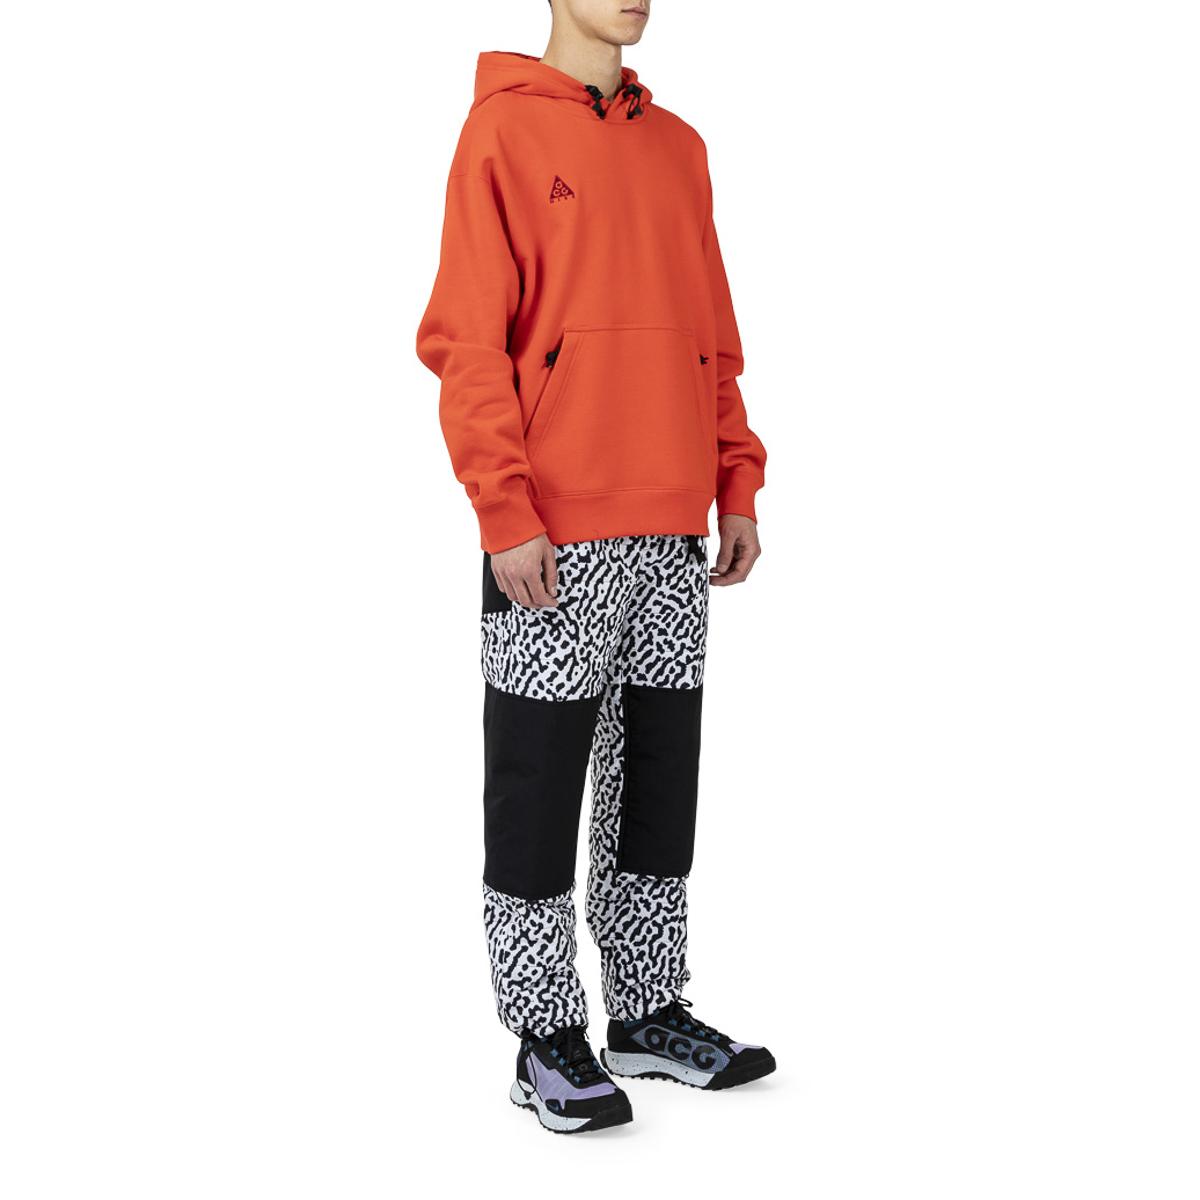 Nike NRG ACG Pullover Hoodie